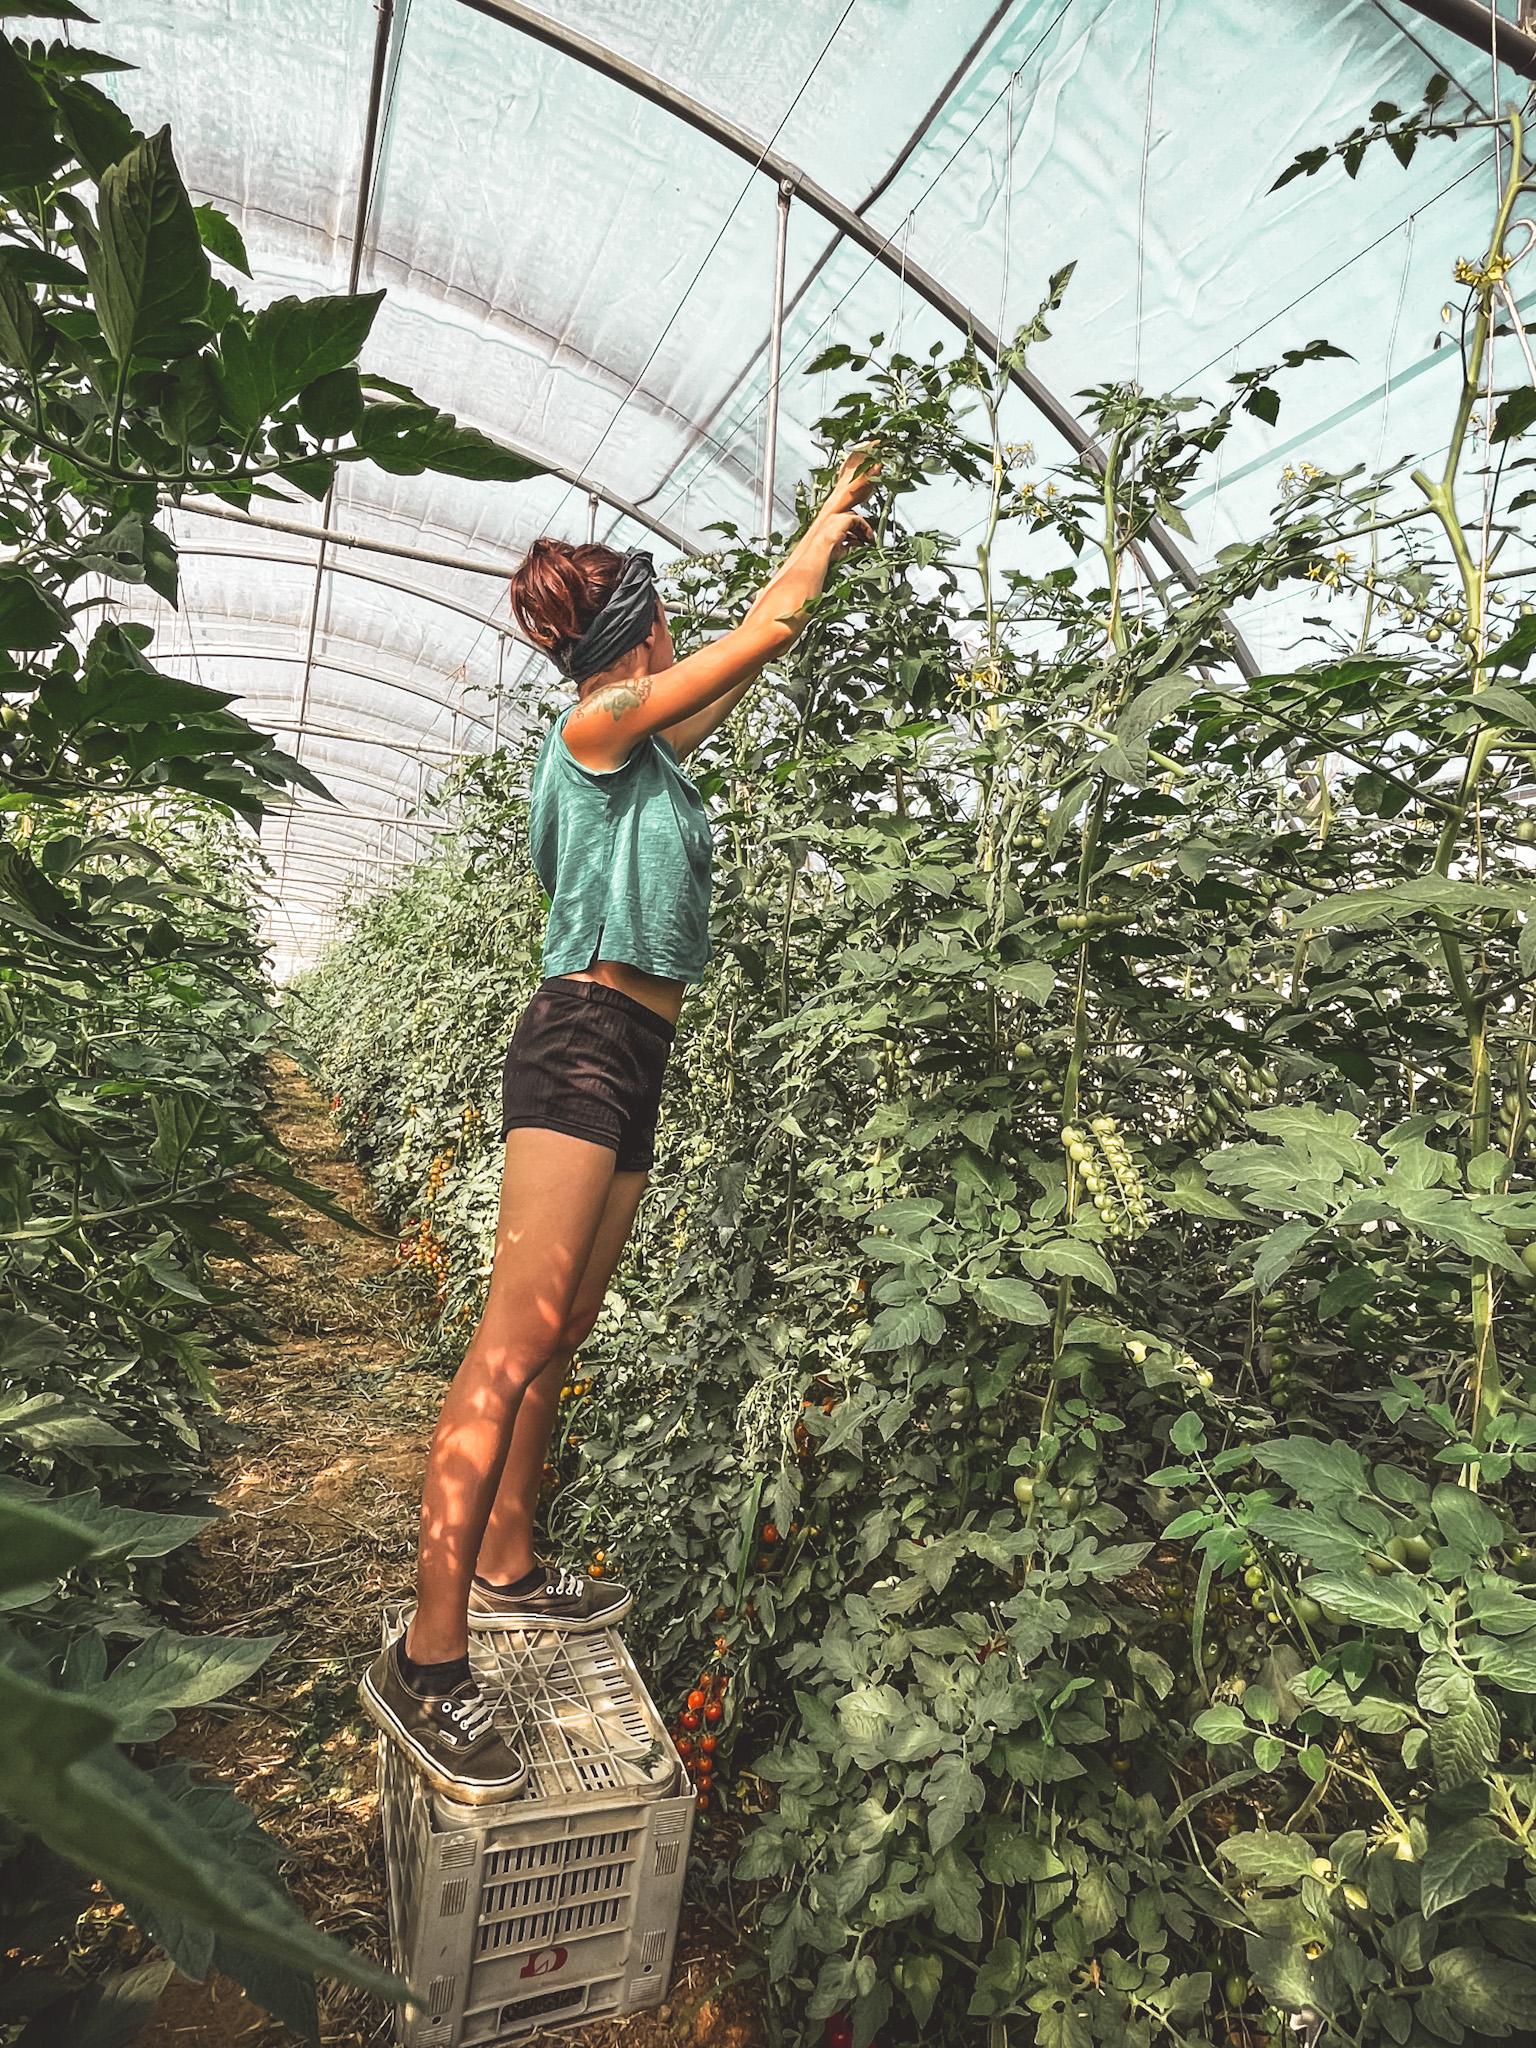 Cerco azienda agricola/agrituristica